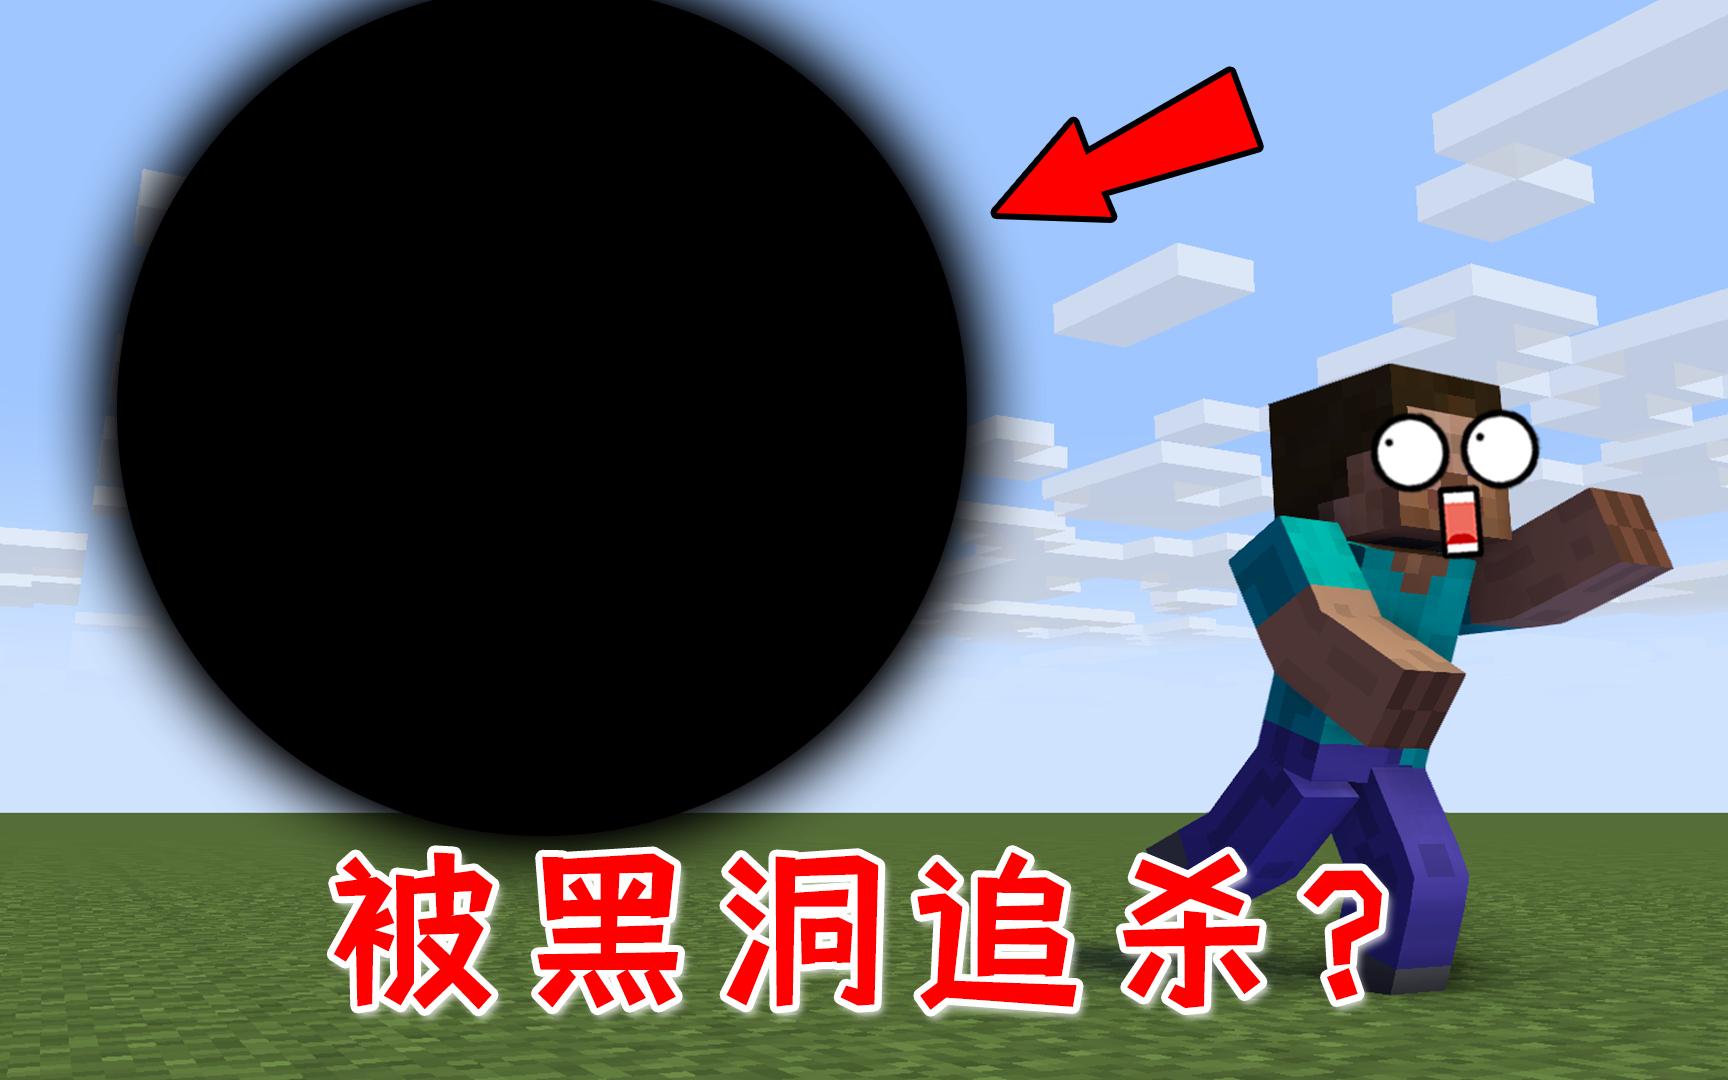 我的世界:当玩家被一个黑洞不停追杀,该如何生存?